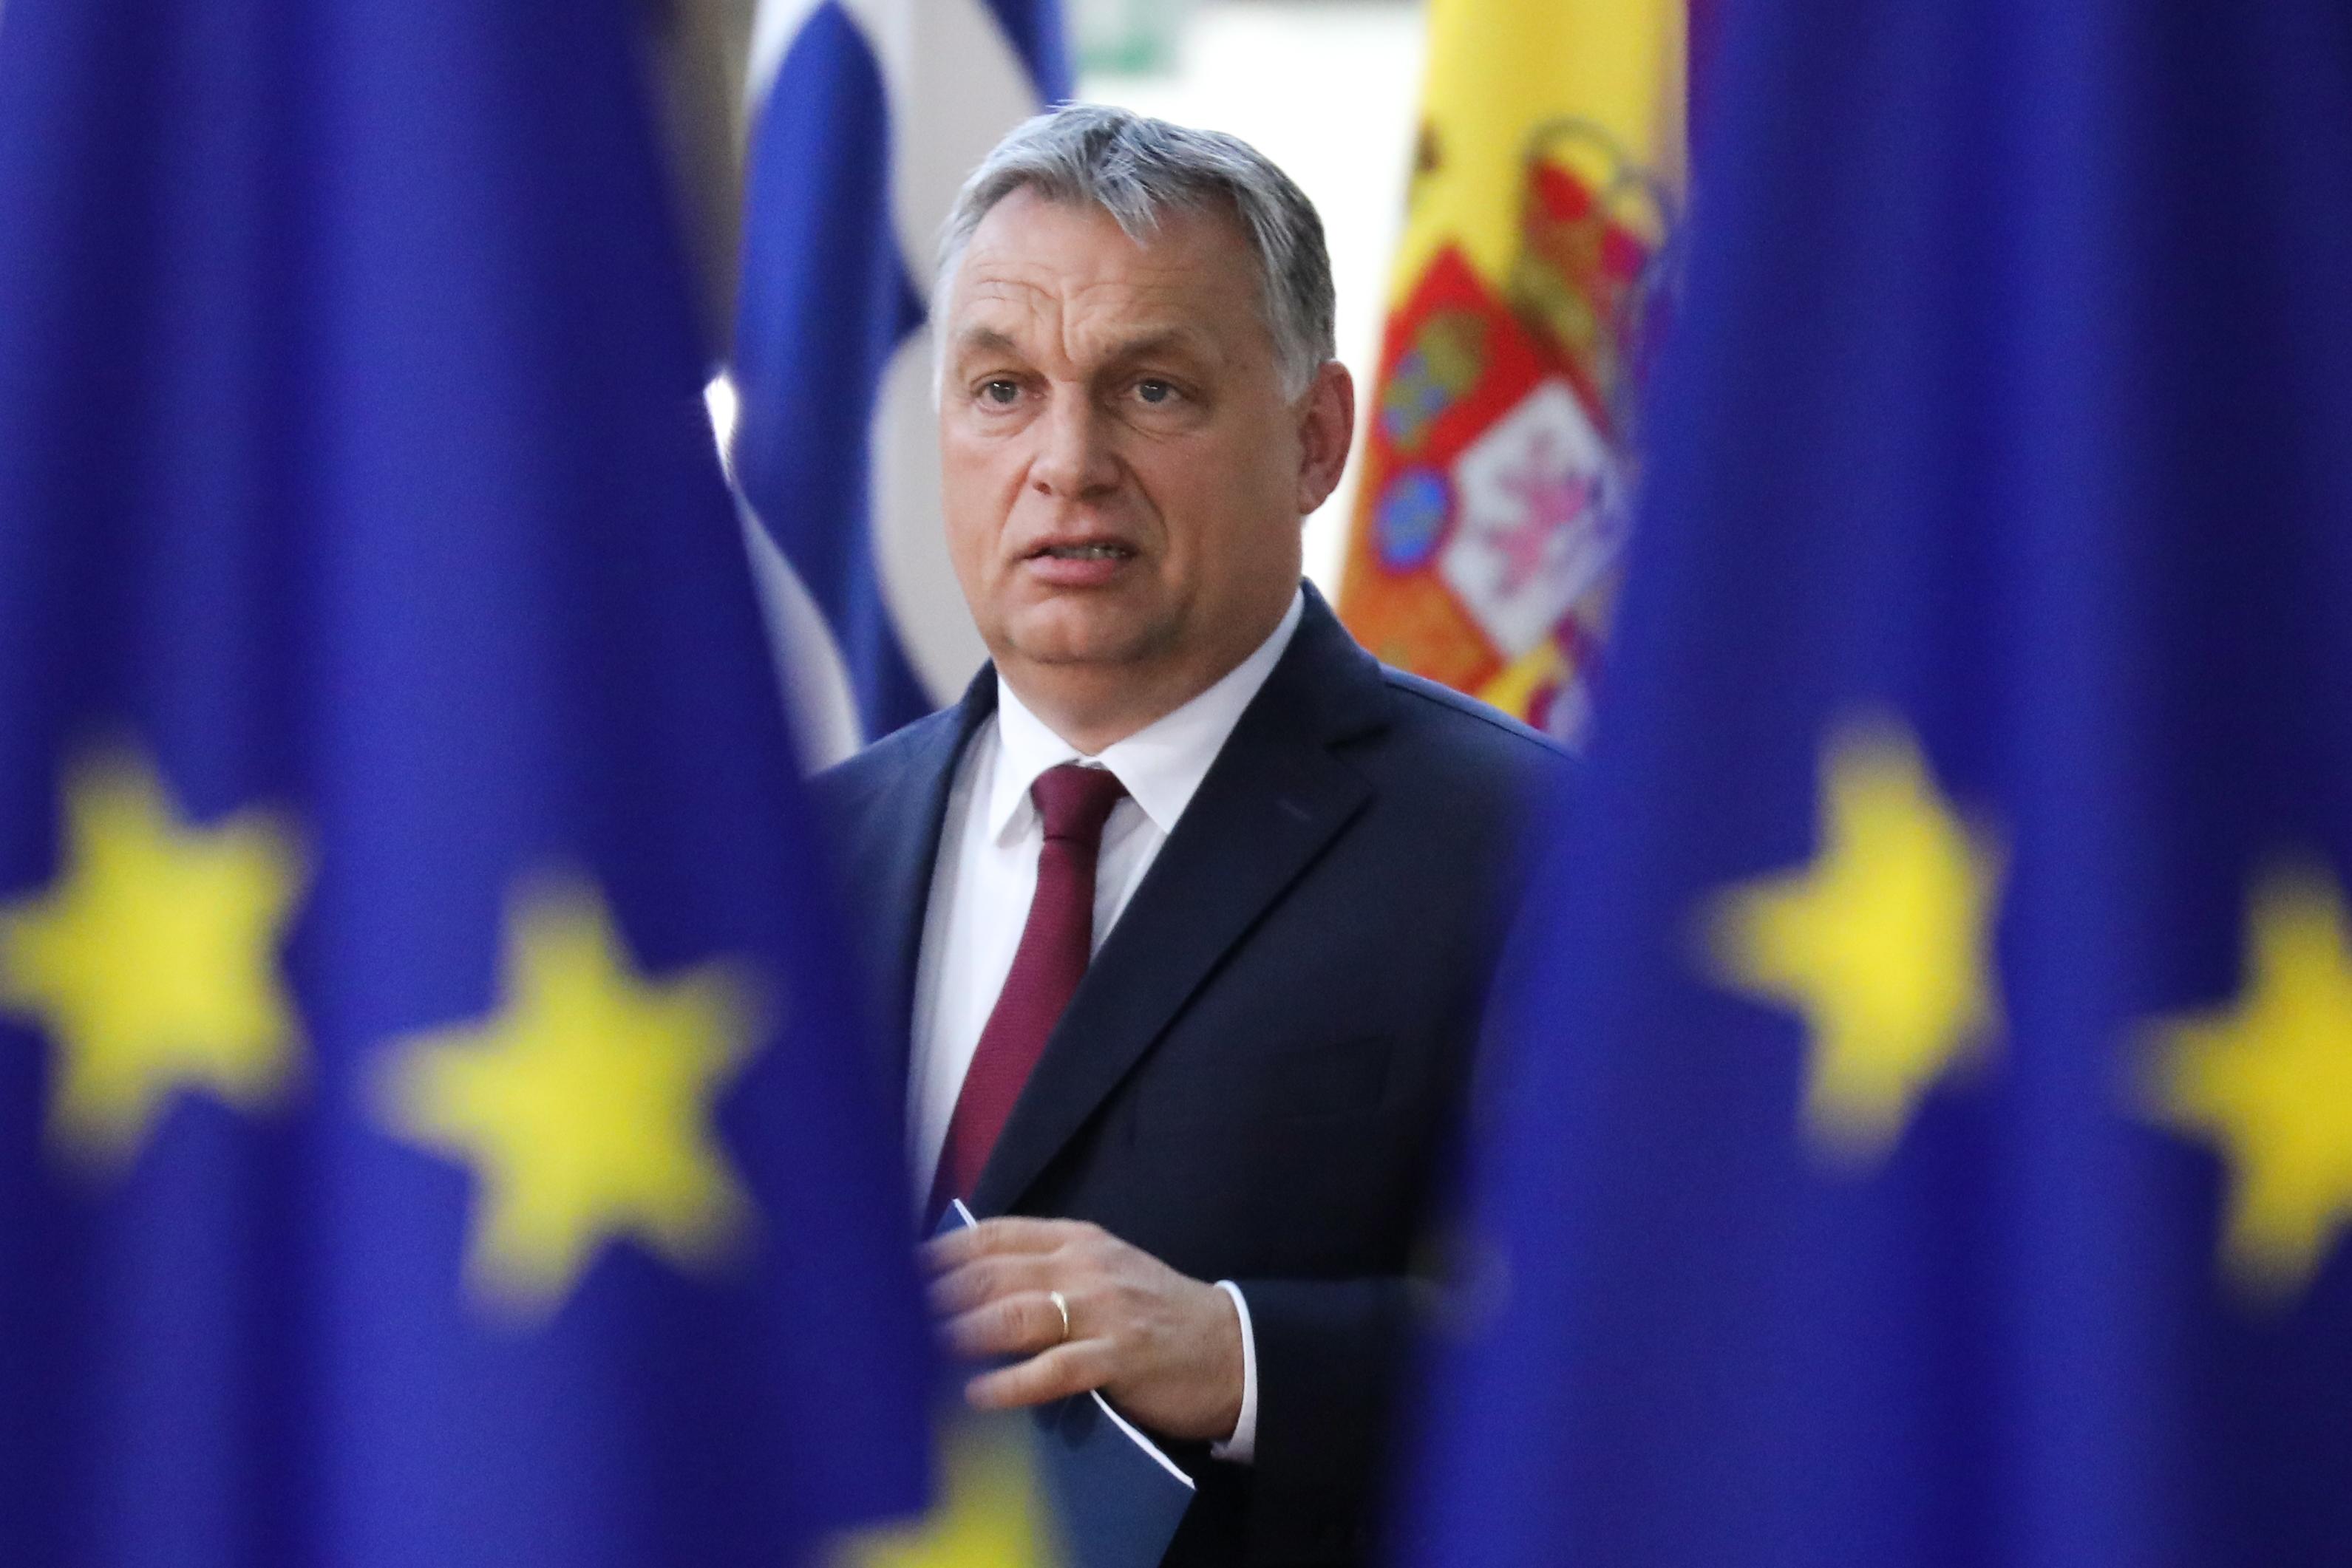 Az Európai Bizottság cáfolja Orbánt: nem vennék át a határőrzést, éppen a határok védelmében segítenének